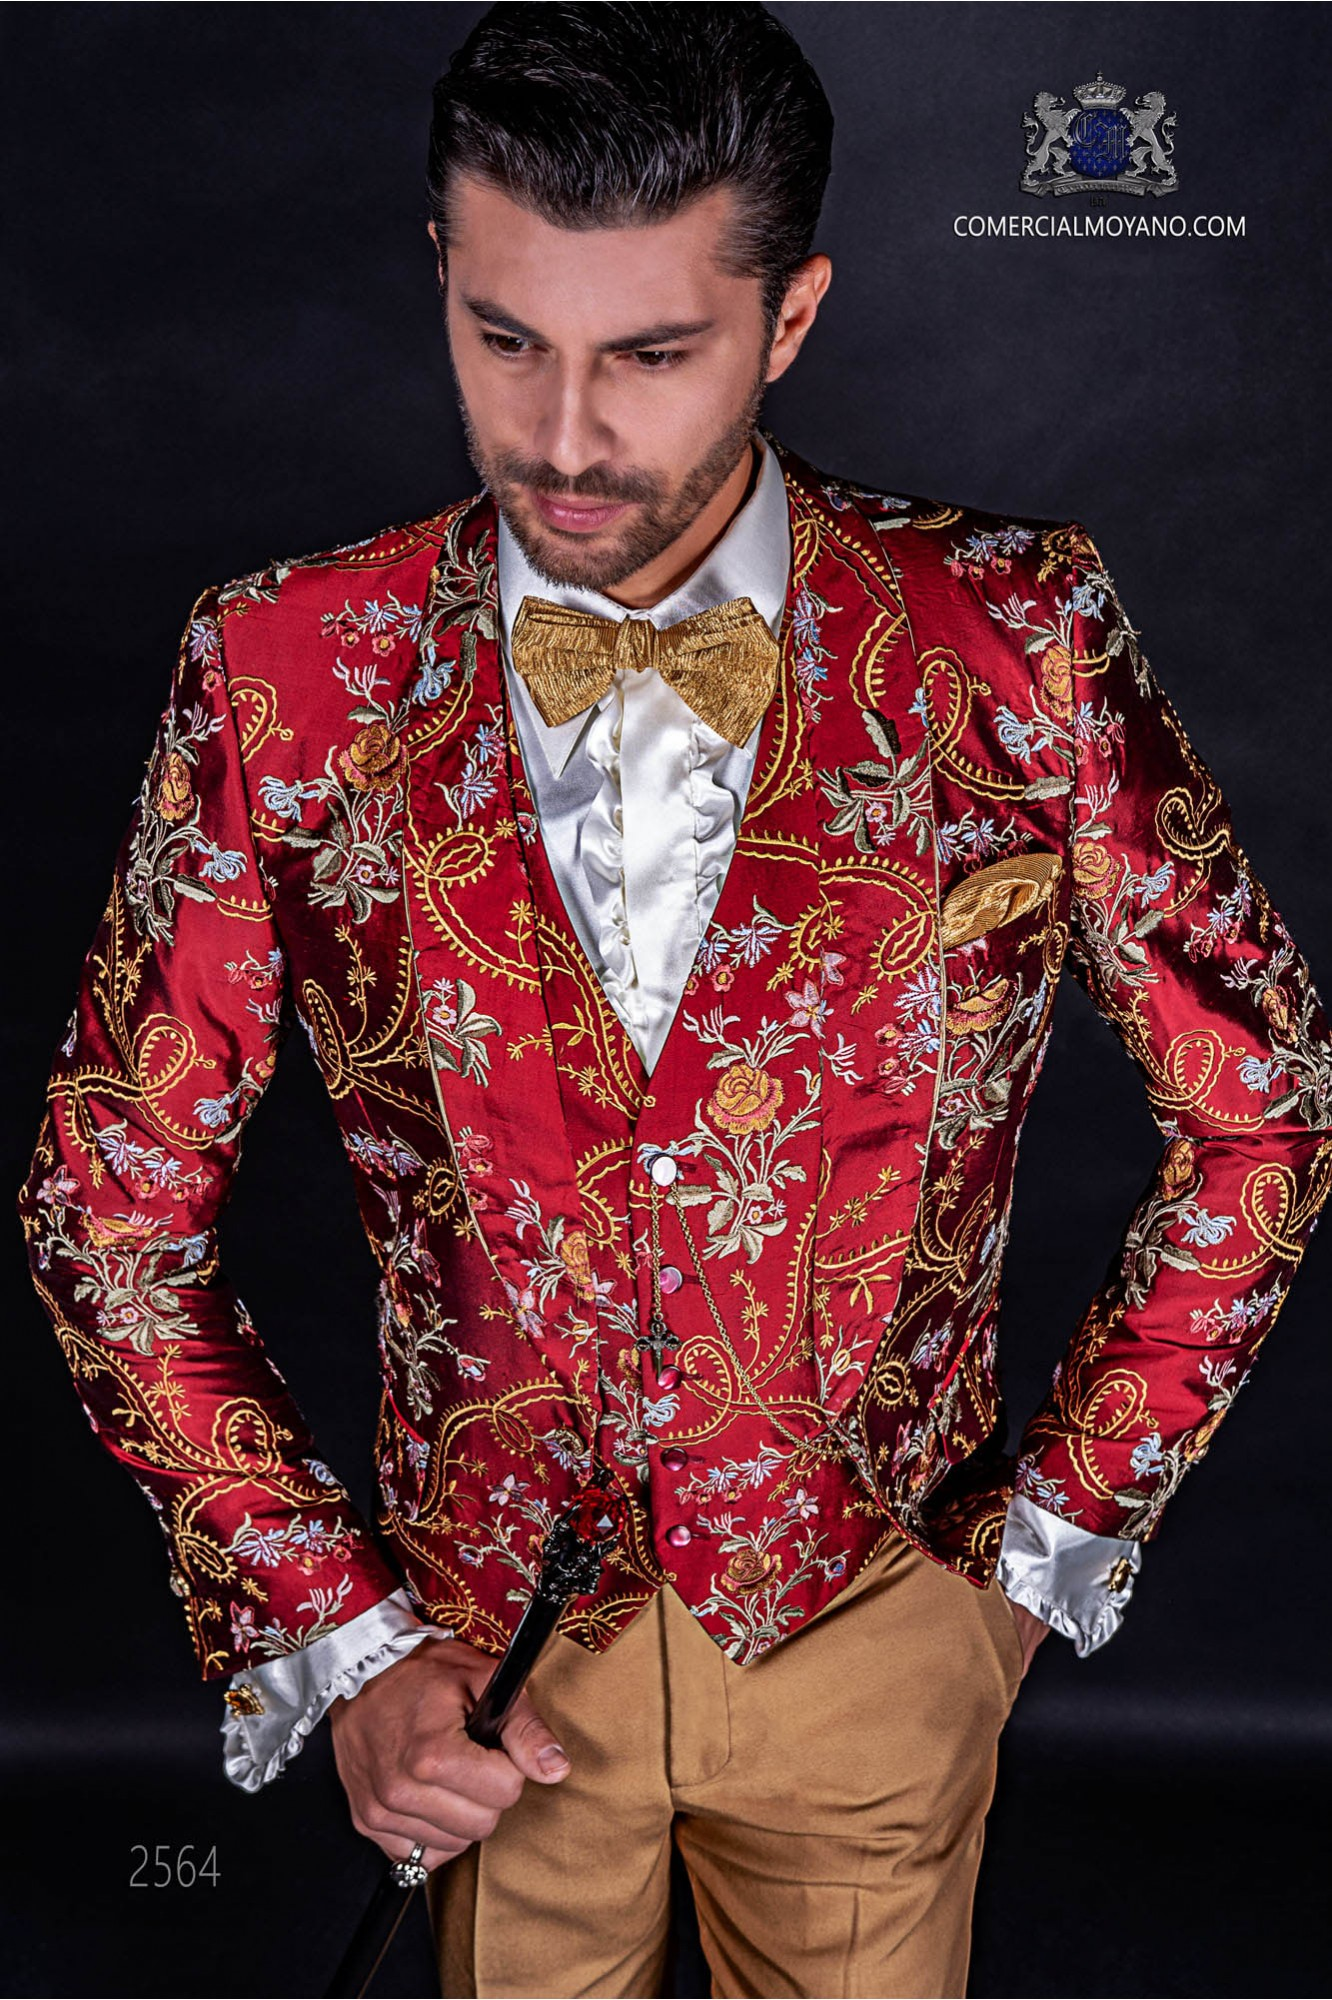 Traje de moda italiano de jacquard rojo con un especial diseño